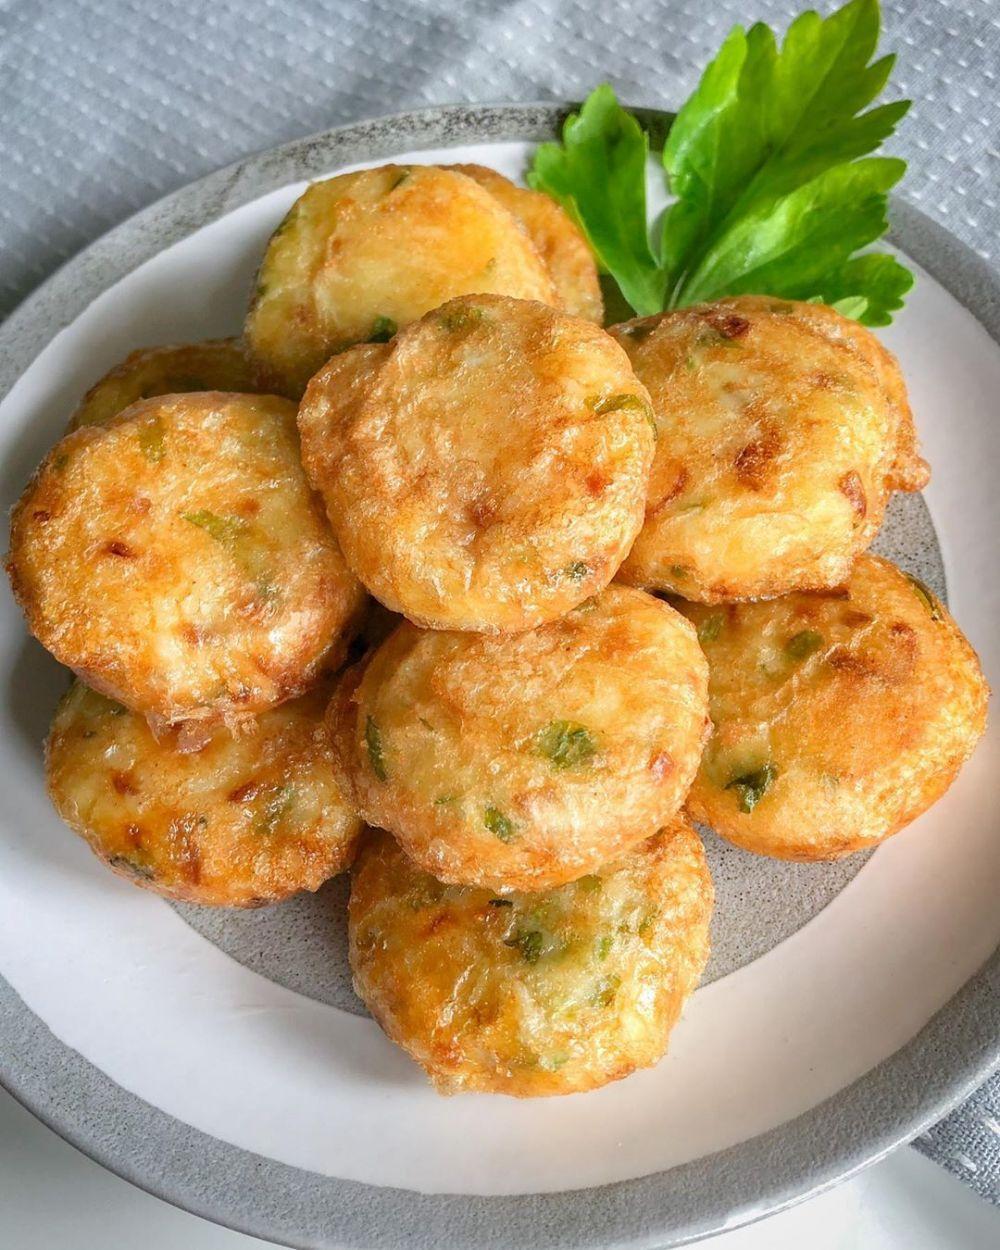 Resep Tumpeng Dan Lauk Berbagai Sumber Resep Masakan Masakan Memasak